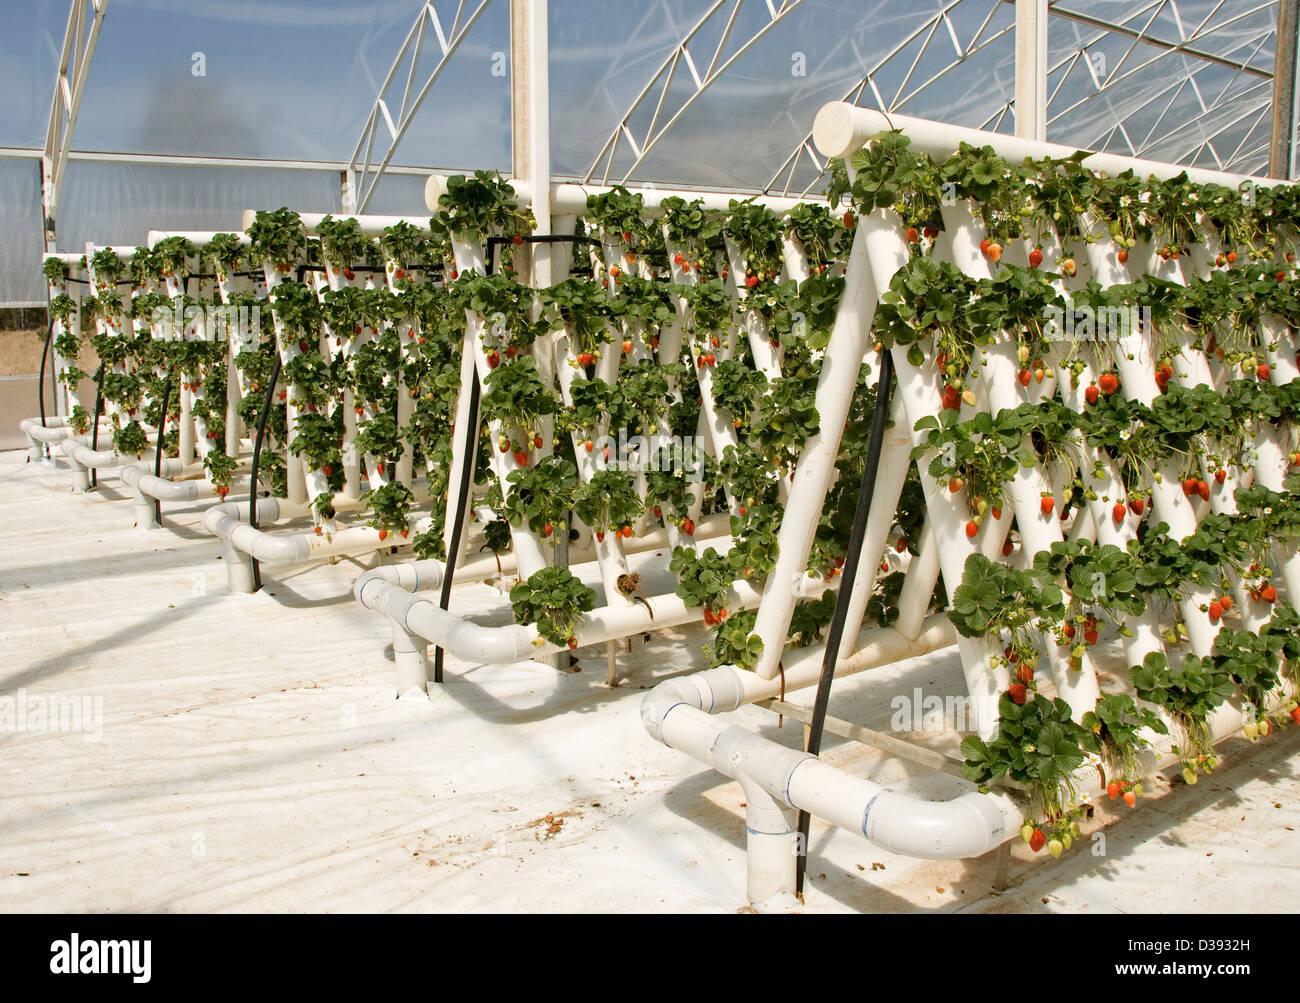 wann erdbeeren pflanzen wann erdbeeren pflanzen with wann erdbeeren pflanzen erdbeeren. Black Bedroom Furniture Sets. Home Design Ideas